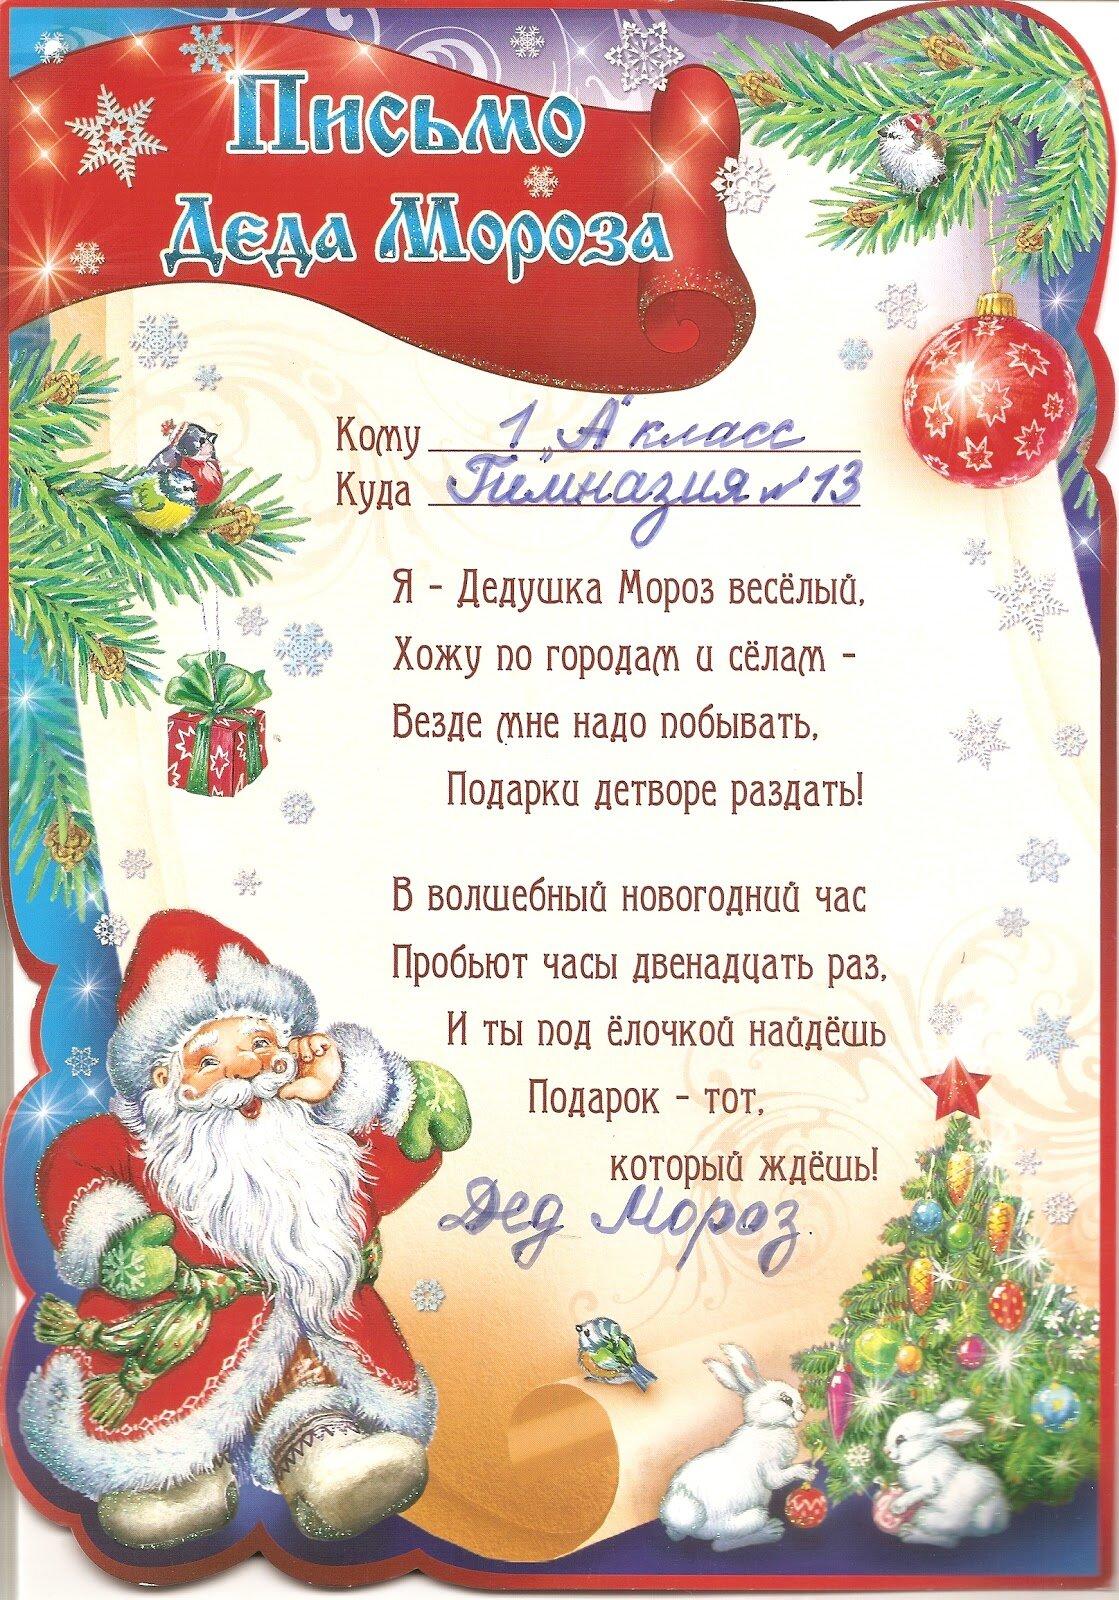 Поздравления от деда мороза на открытке